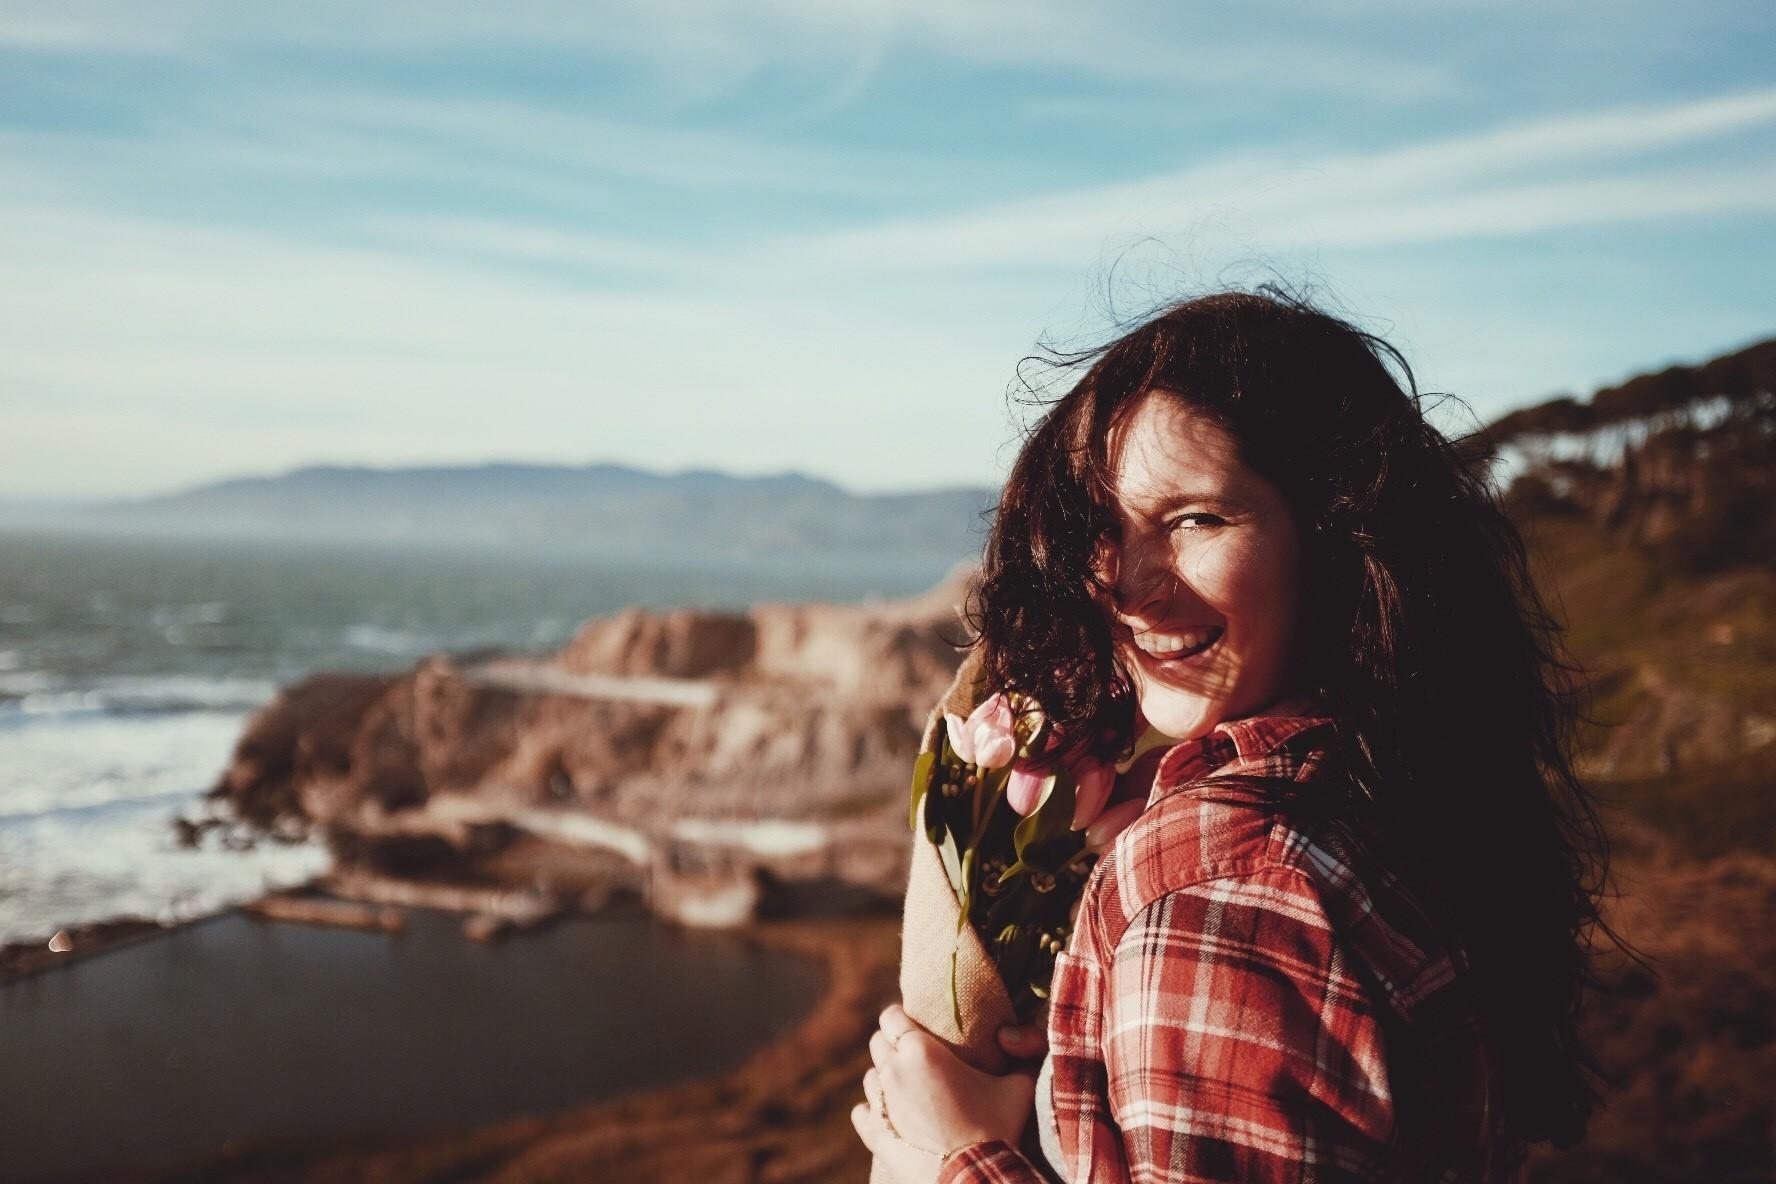 Com Biofemme Woman Care, Tenha Proteção Do Seu Sistema Imunológico E Controle Da Pressão Arterial.